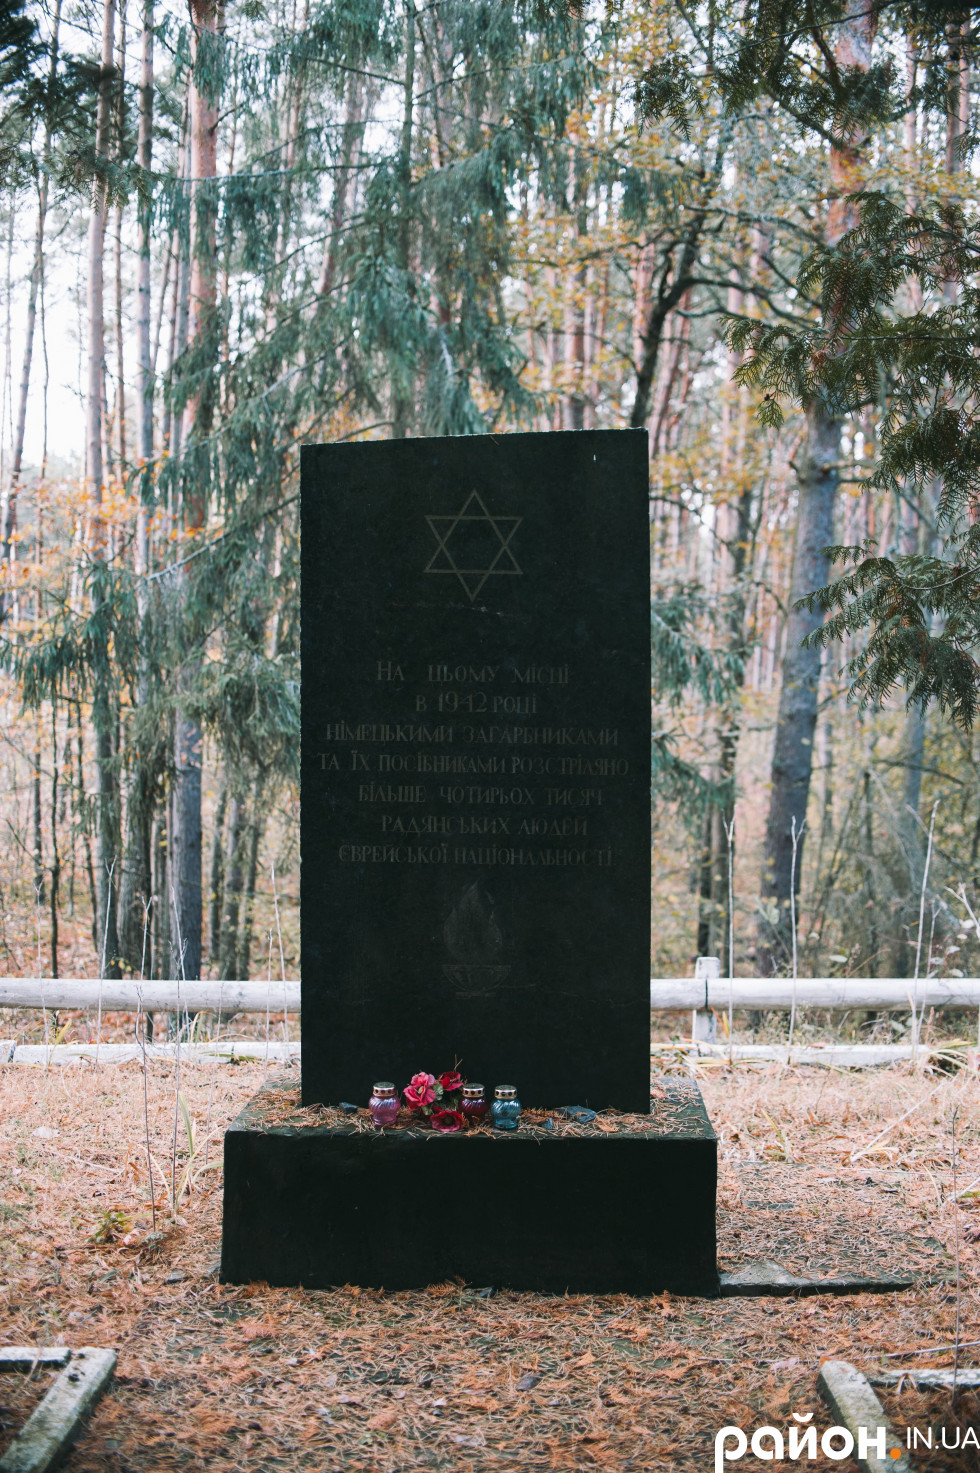 Меморіал, який увічнює пам'ять про загиблих євреїв